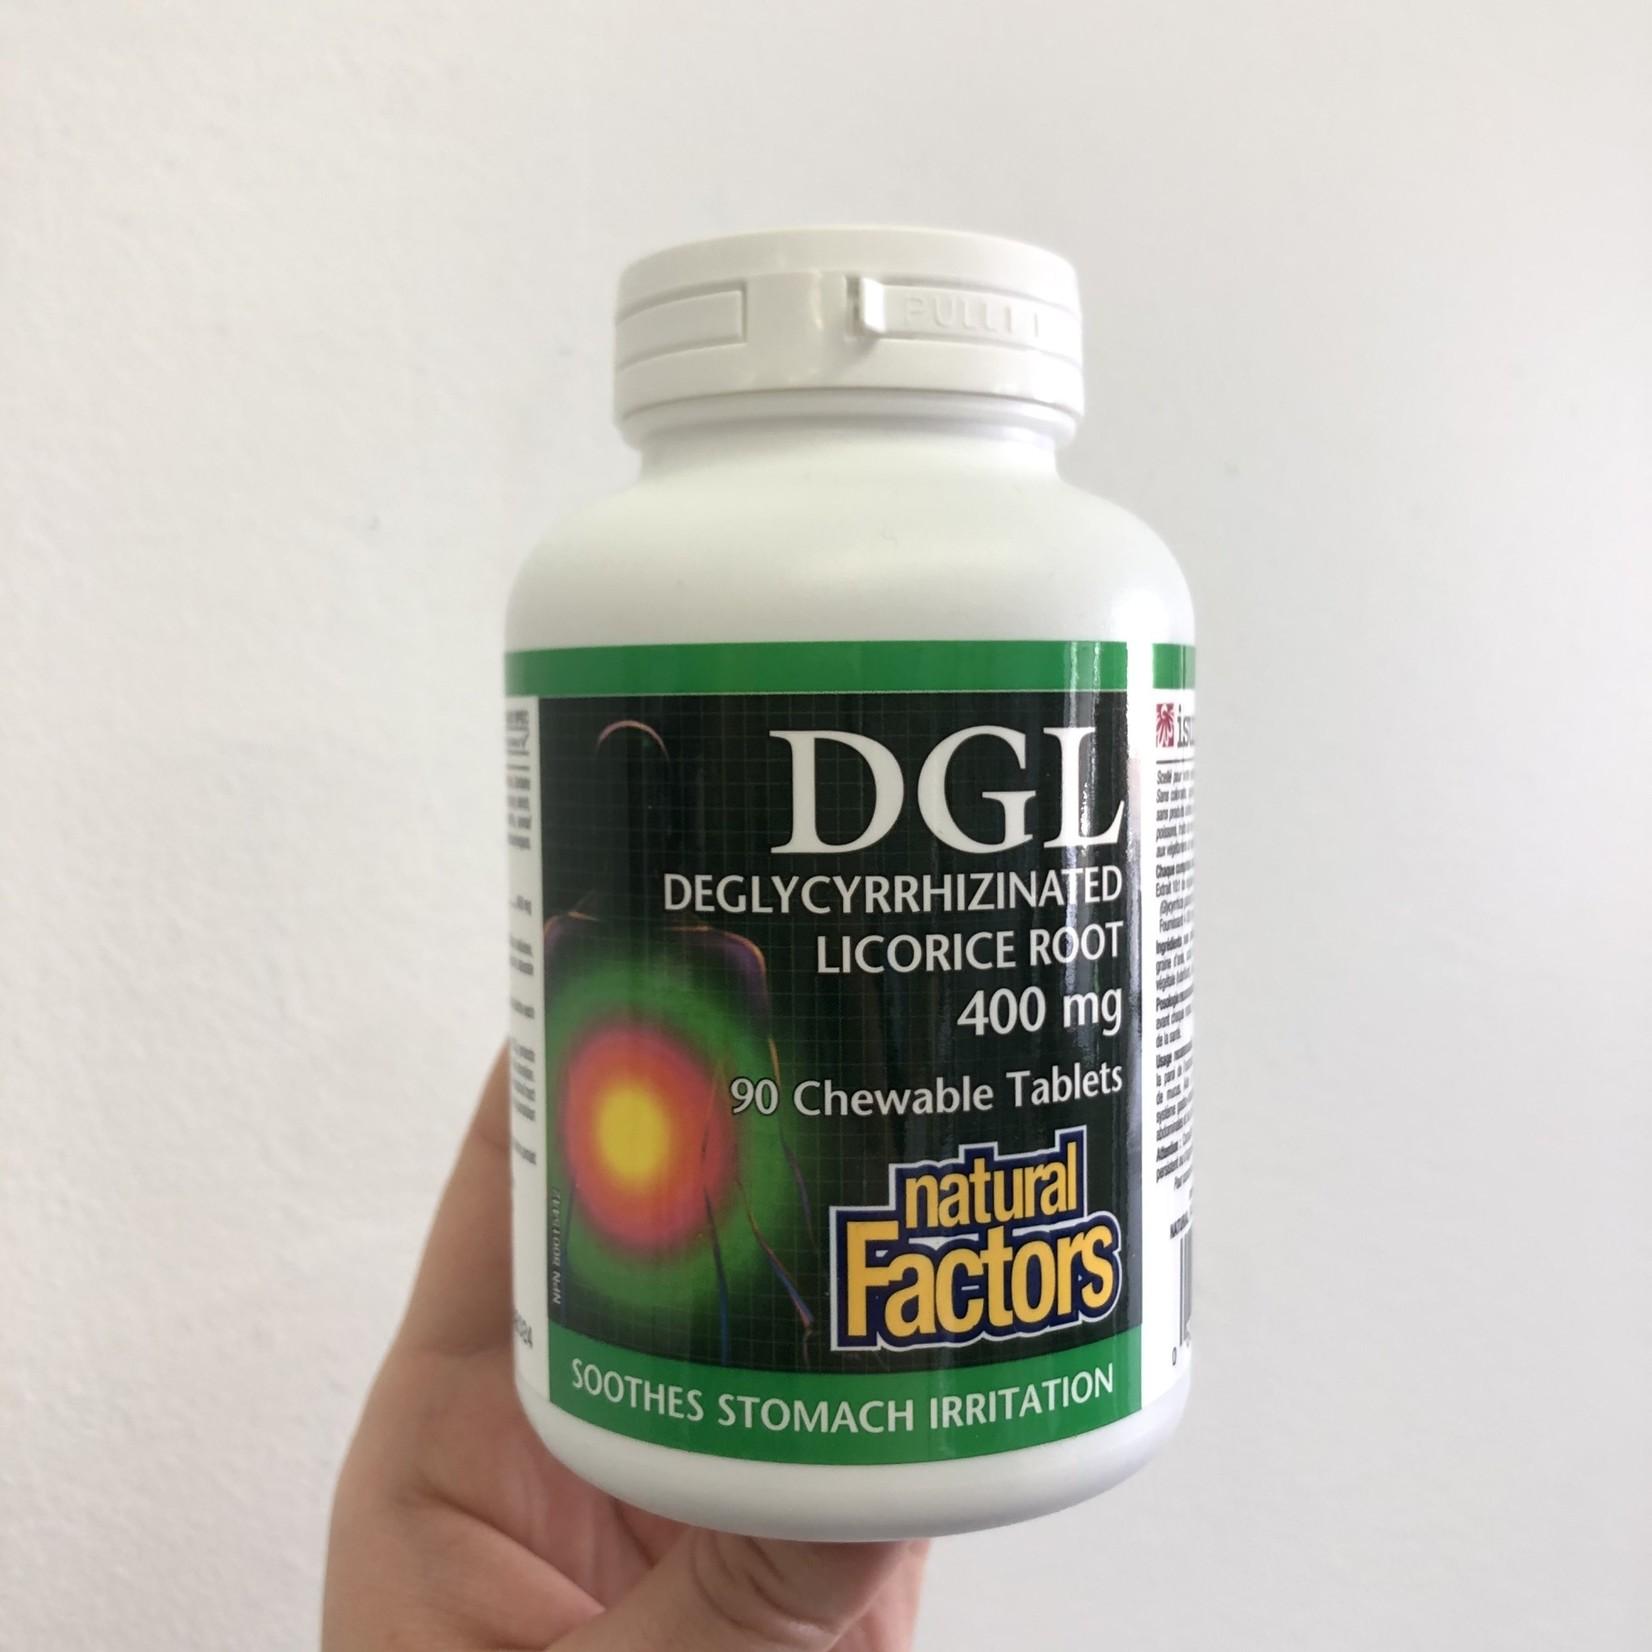 Natural Factors Natural Factors DGL 400mg 90 tabs